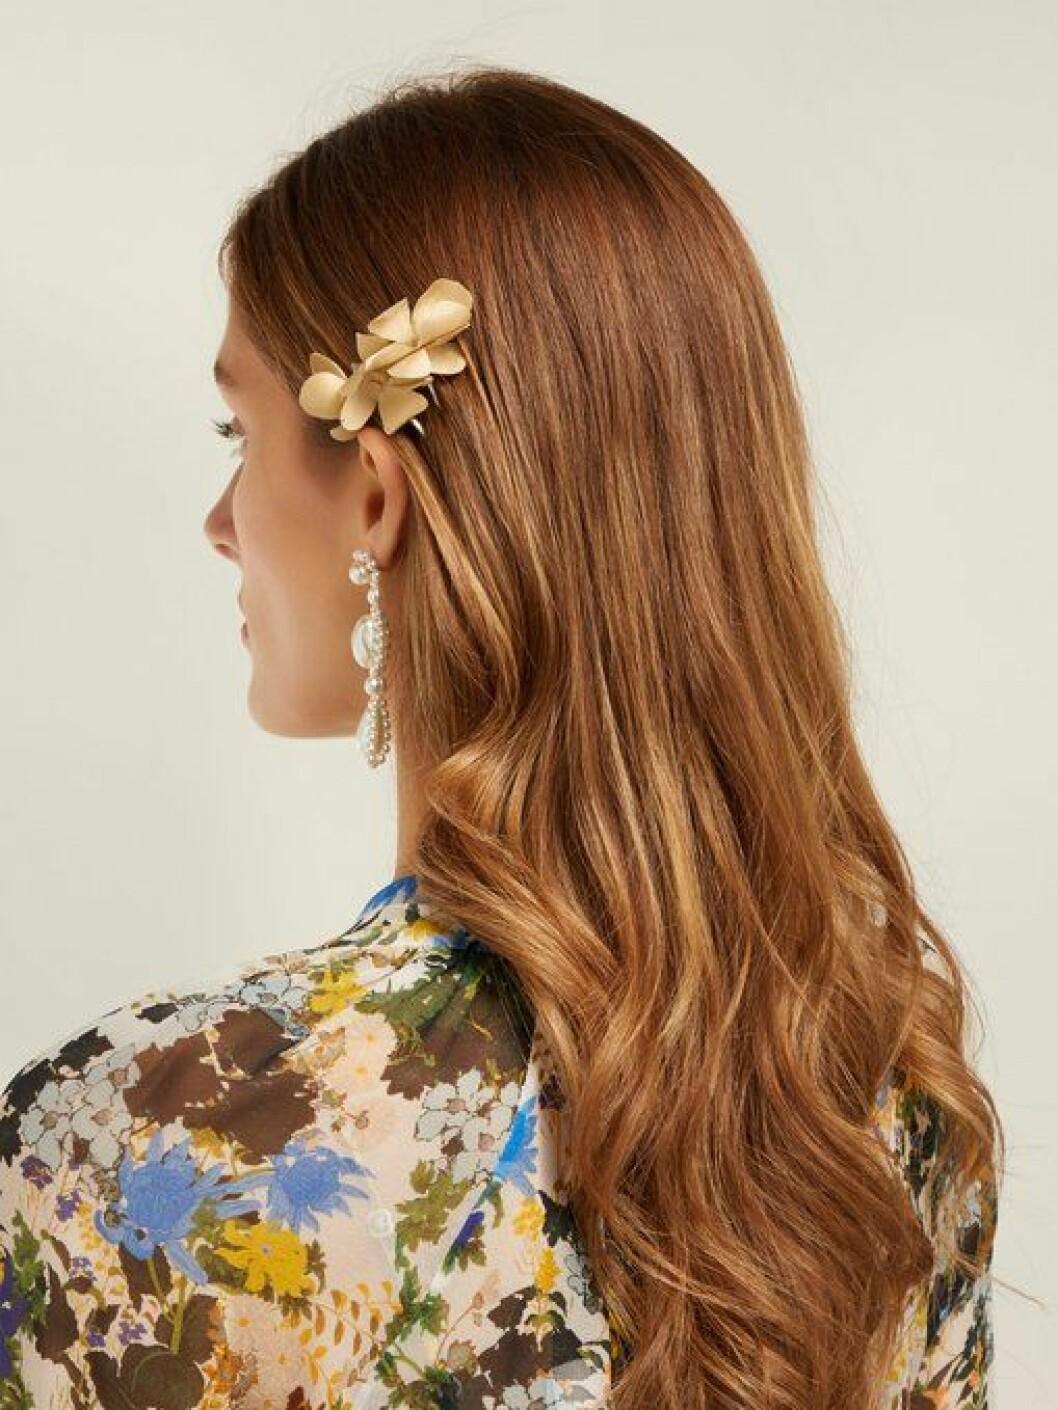 En bild på en hårnål i form av en silkesblomma från Philippa Craddocks nya kollektion på Matchesfashion.com.